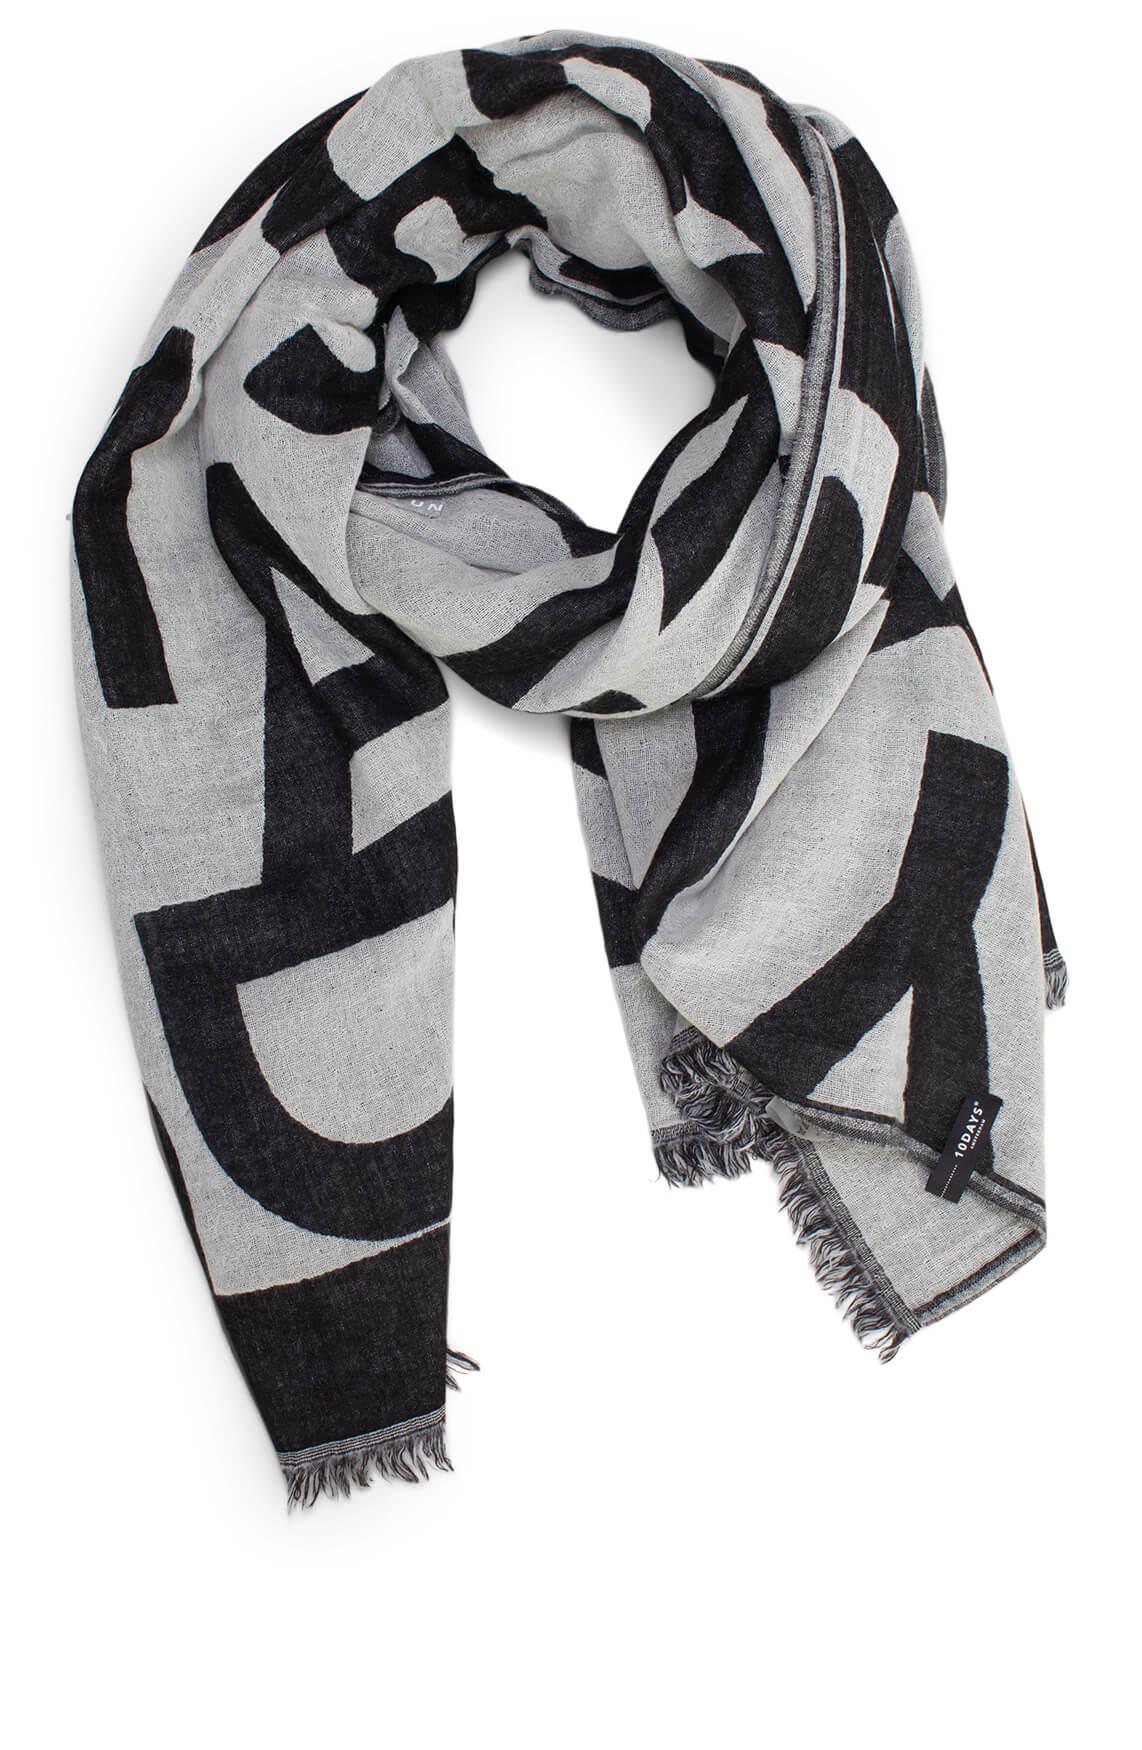 10 Days Dames Wollen shawl met logoprint zwart